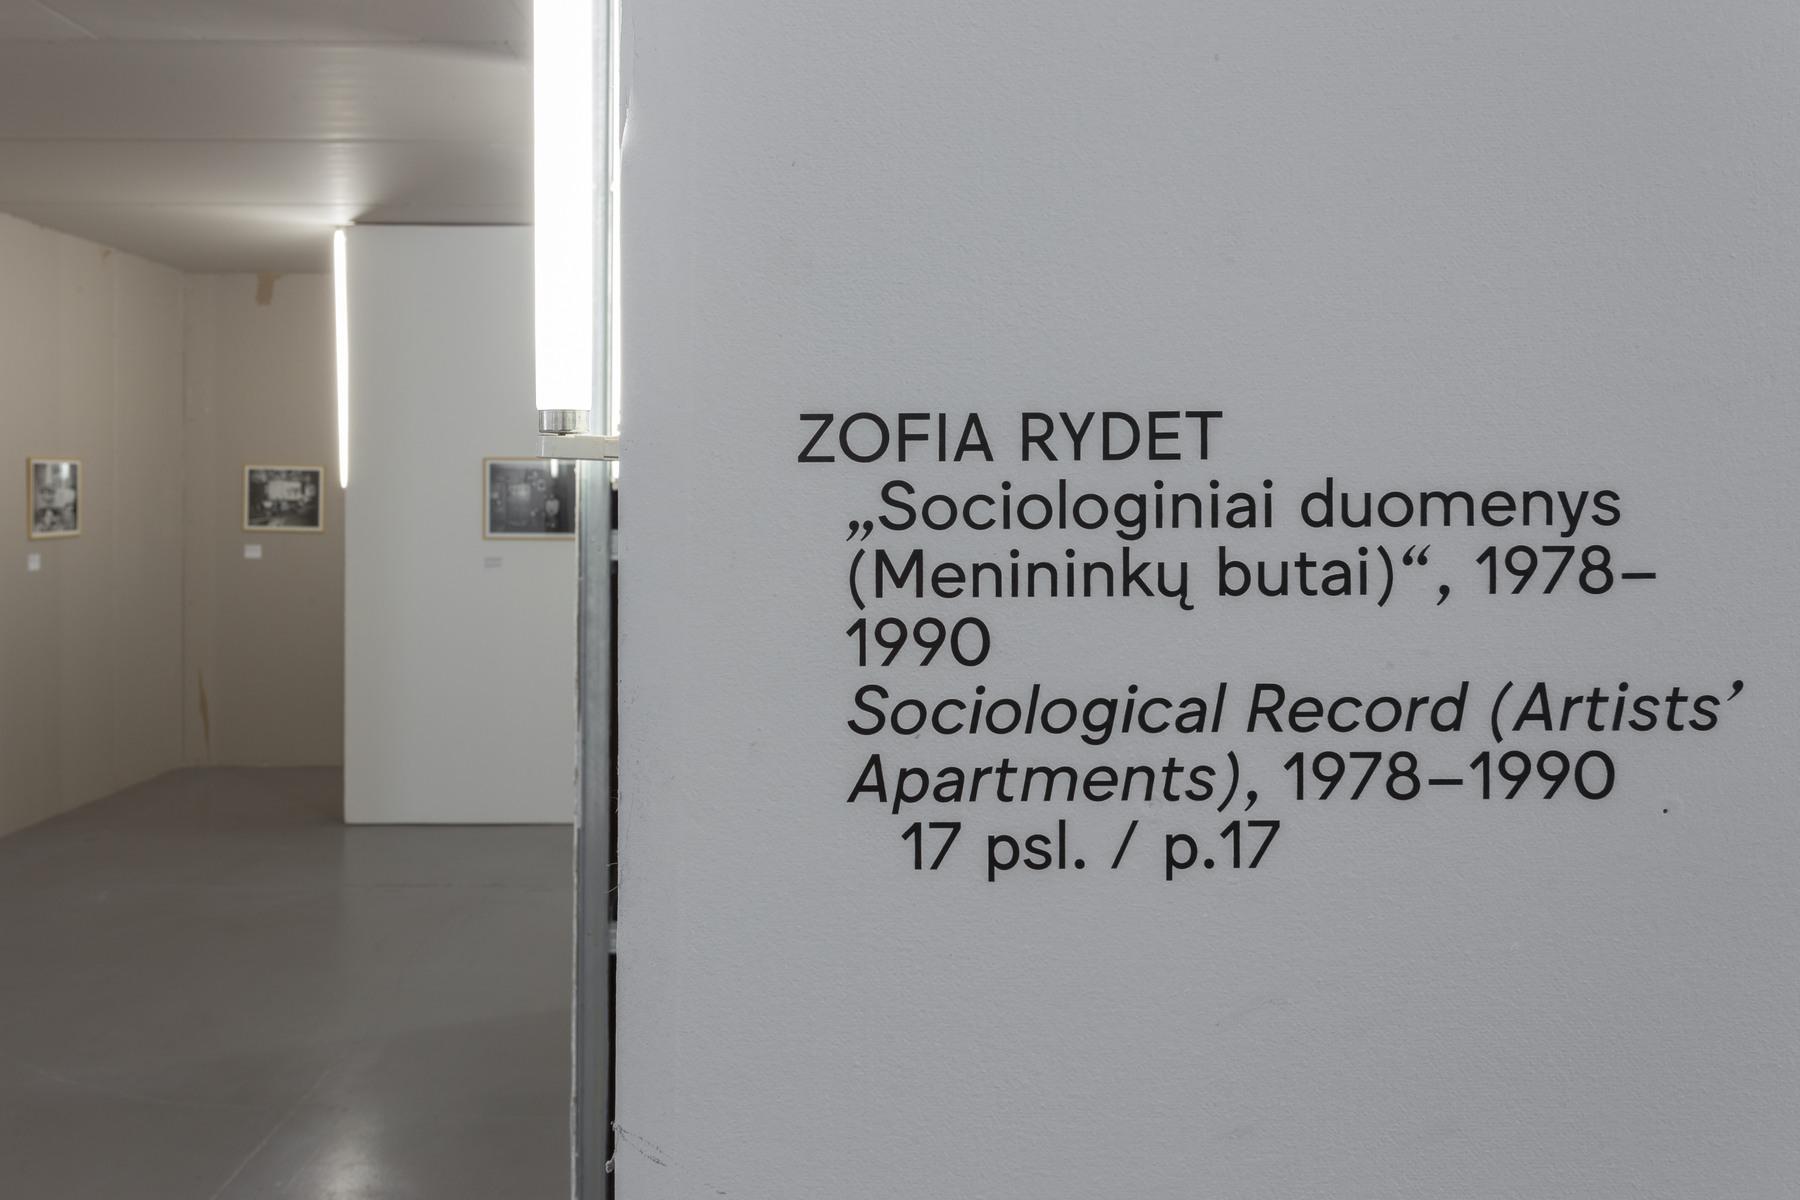 b05 - Zofia Rydet